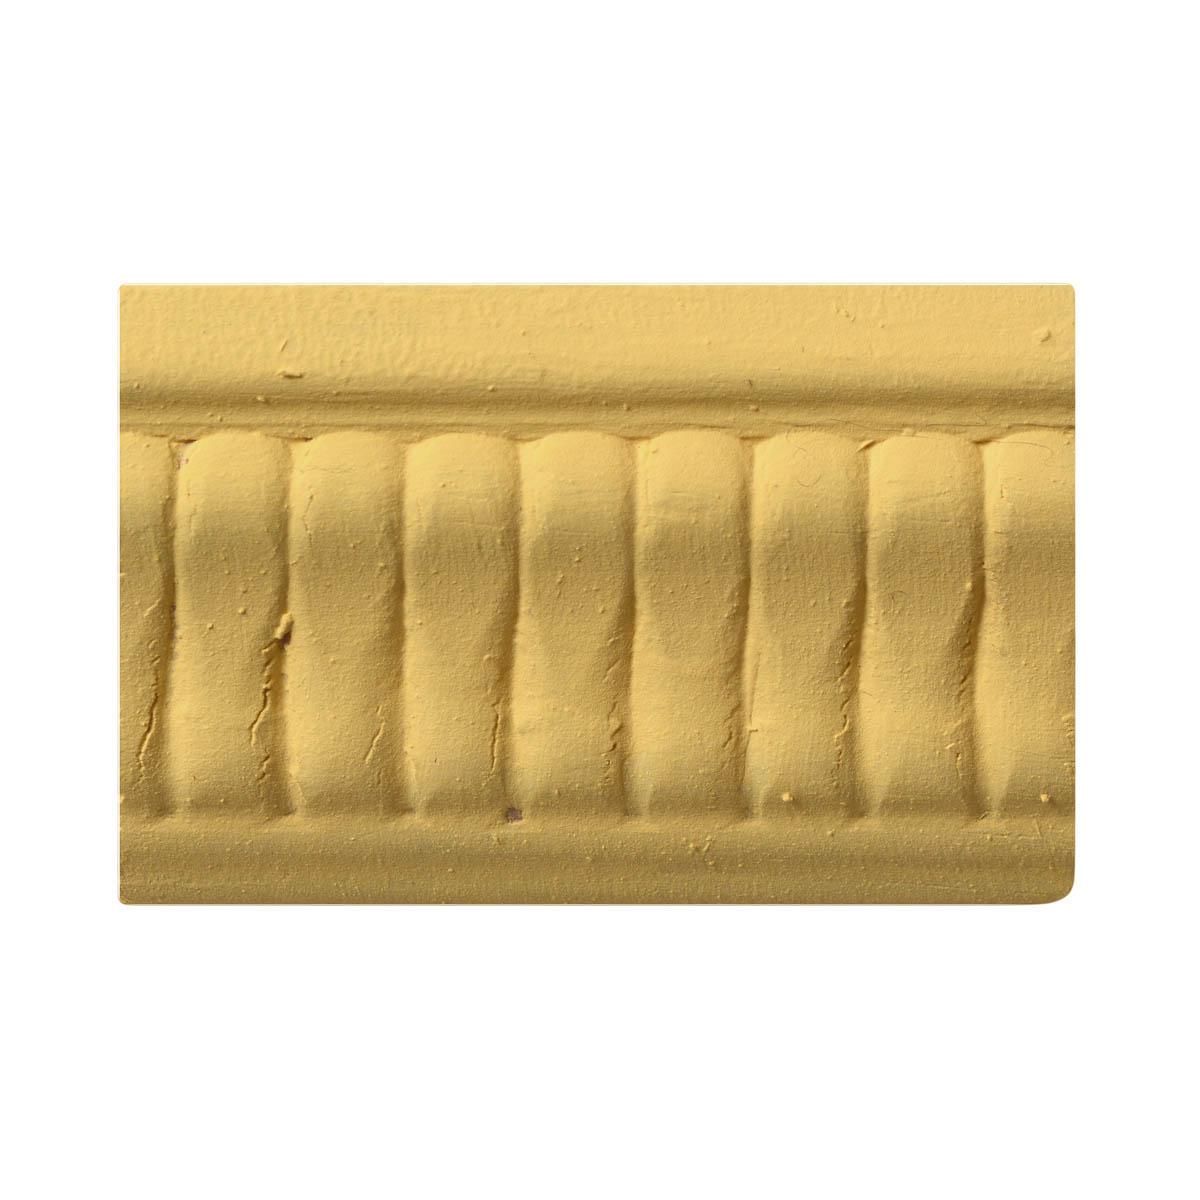 Waverly ® Inspirations Chalk Finish Acrylic Paint - Maize, 2 oz. - 60884E